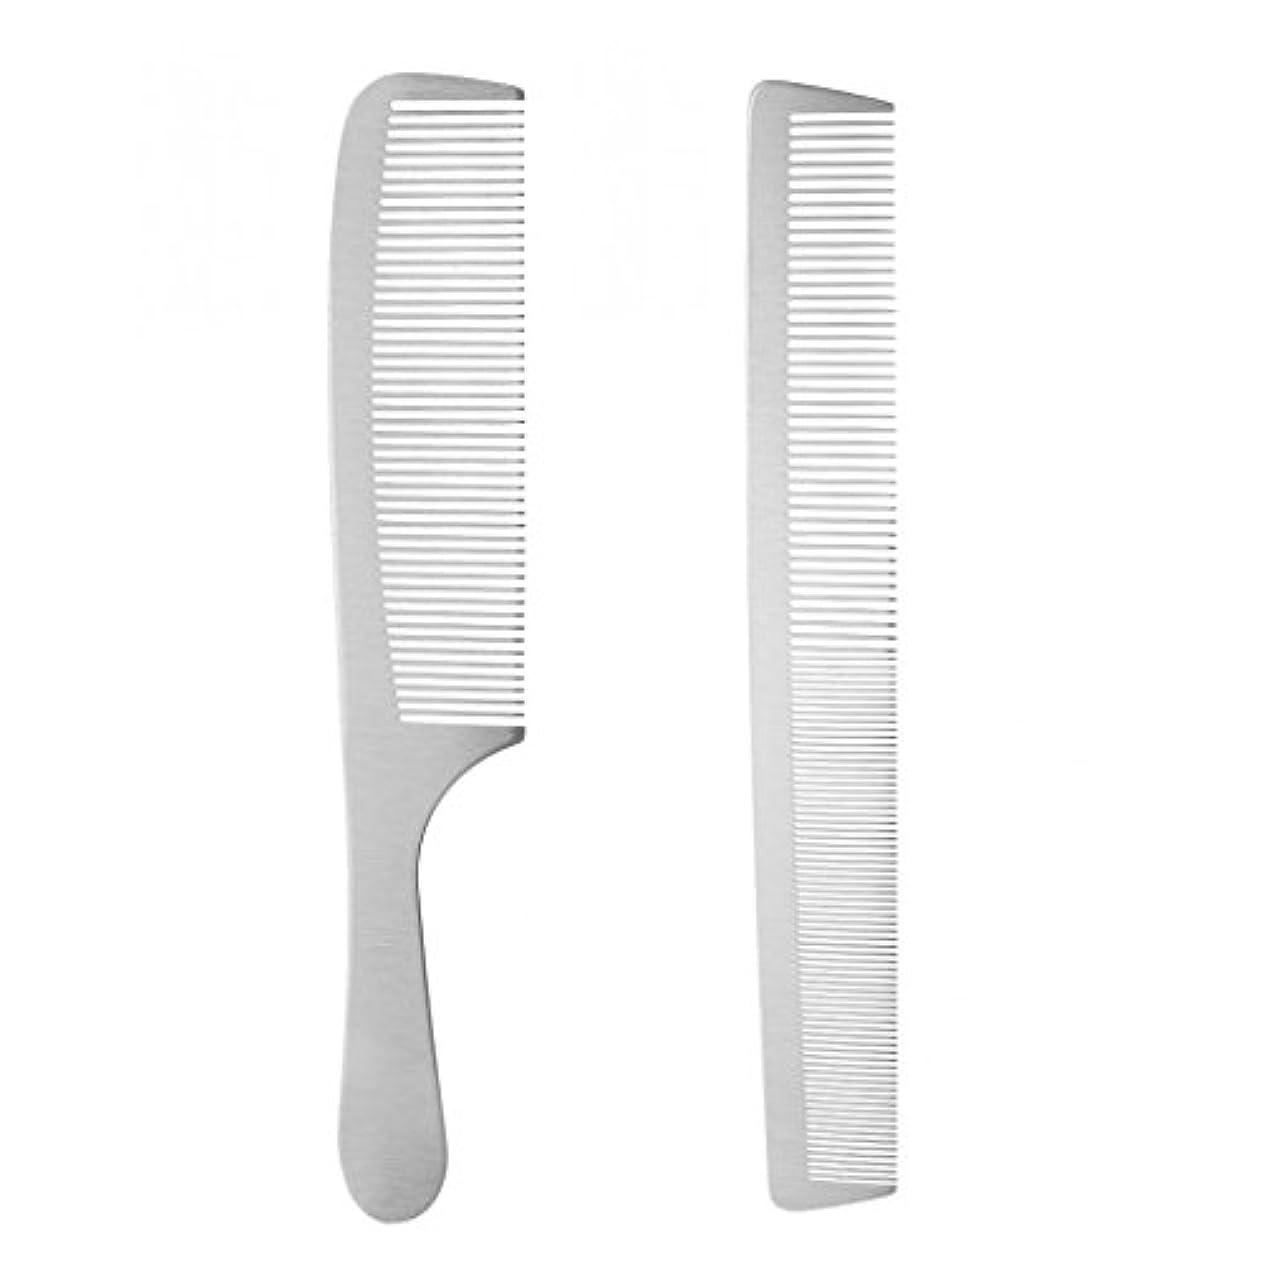 スライム先ロゴKesoto 2個 ヘアブラシ ステンレス鋼 サロン 理髪師 ヘアスタイリング ヘアカット カッティングヘアブラシ